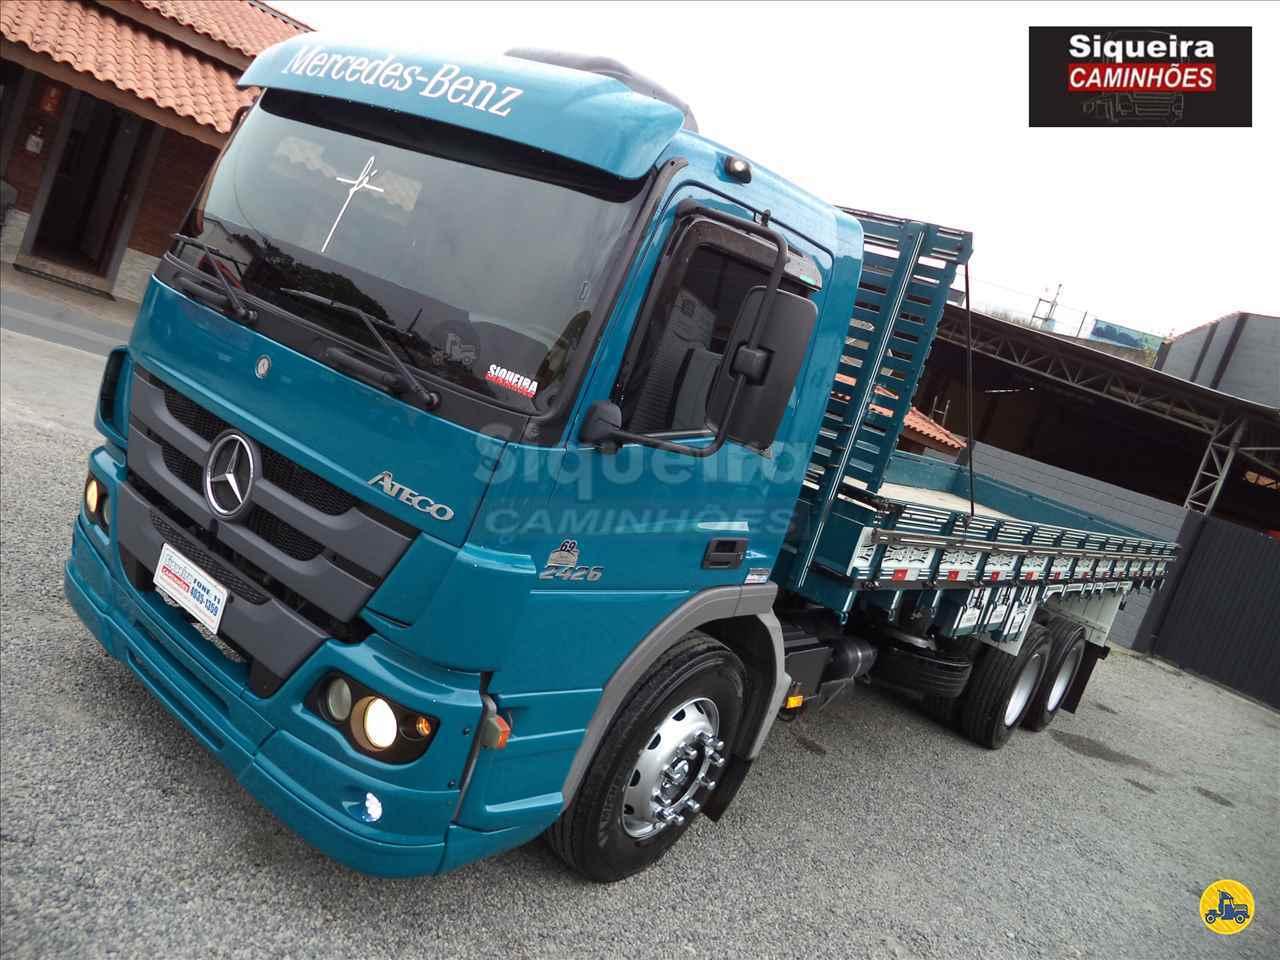 CAMINHAO MERCEDES-BENZ MB 2426 Carga Seca Truck 6x2 Siqueira Caminhões BRAGANCA PAULISTA SÃO PAULO SP